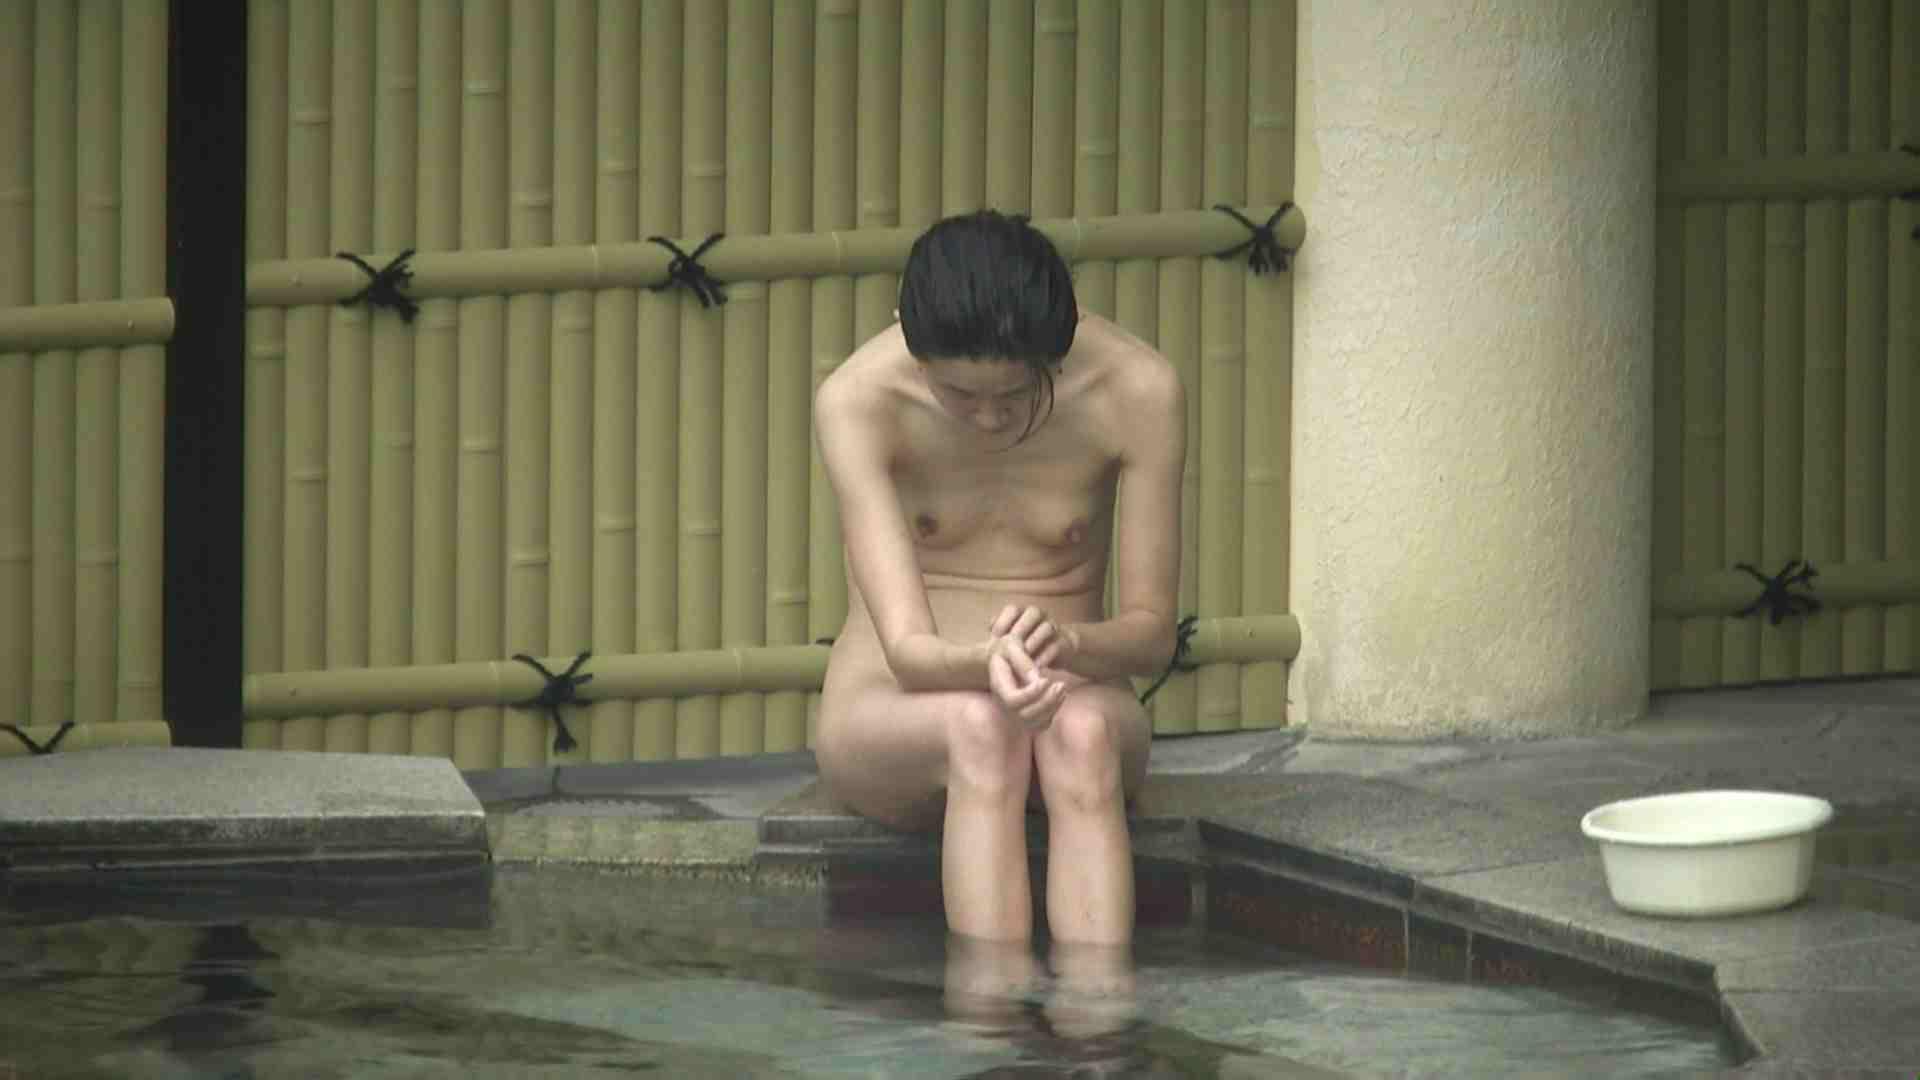 高画質露天女風呂観察 vol.031 高画質 性交動画流出 104PIX 86